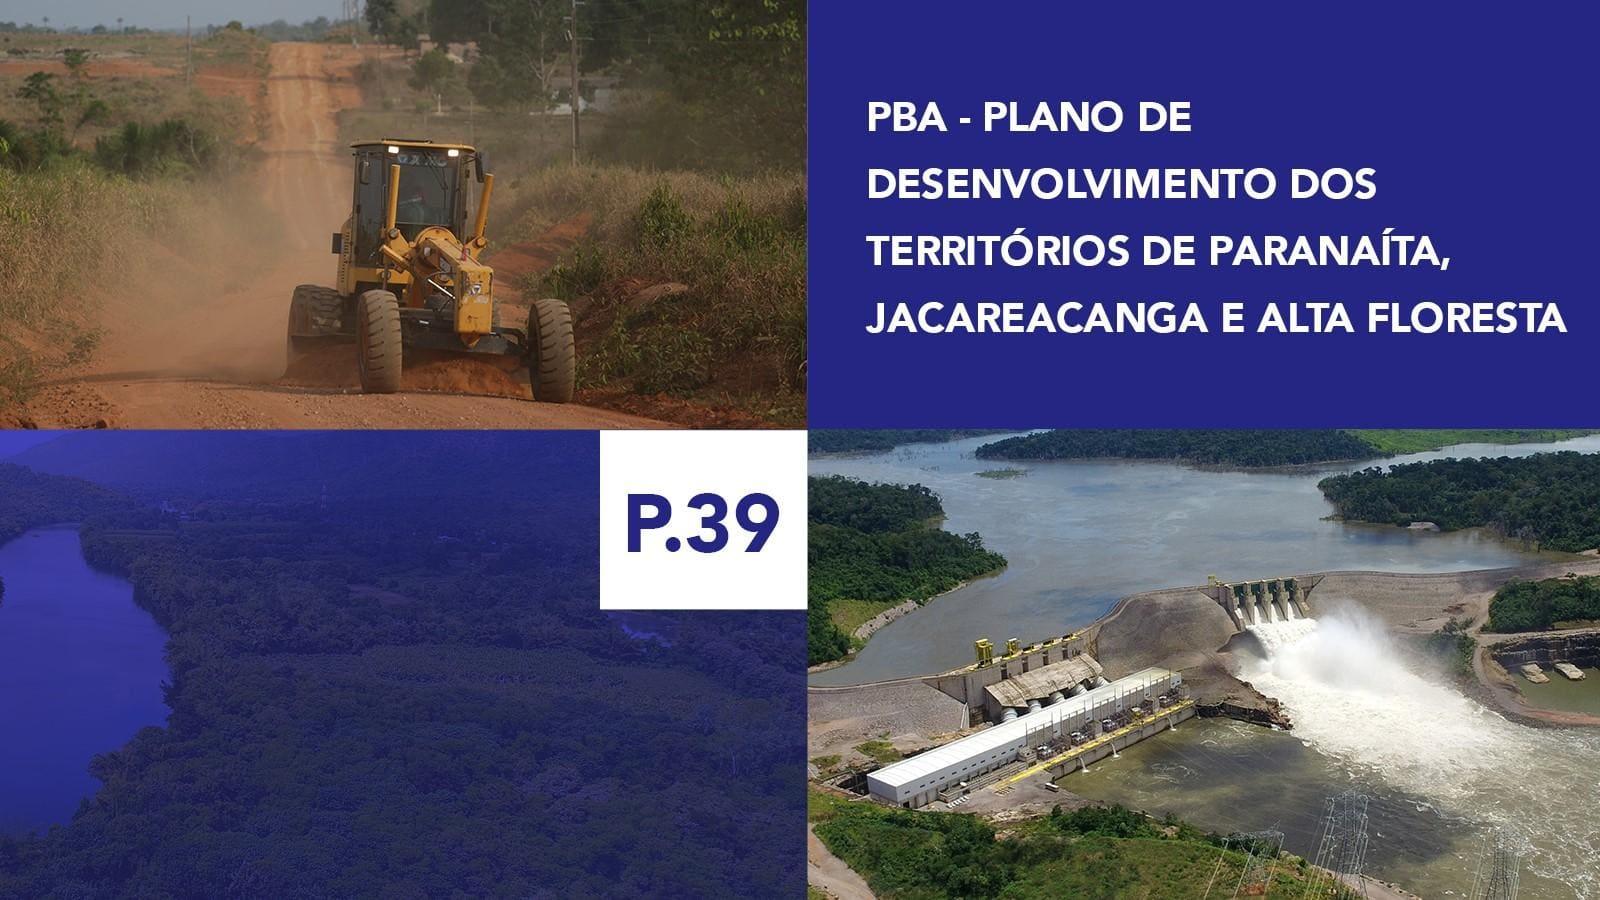 P.39 - Plano de Desenvolvimento dos Territórios de Paranaíta, Jacareacanga e Alta Floresta